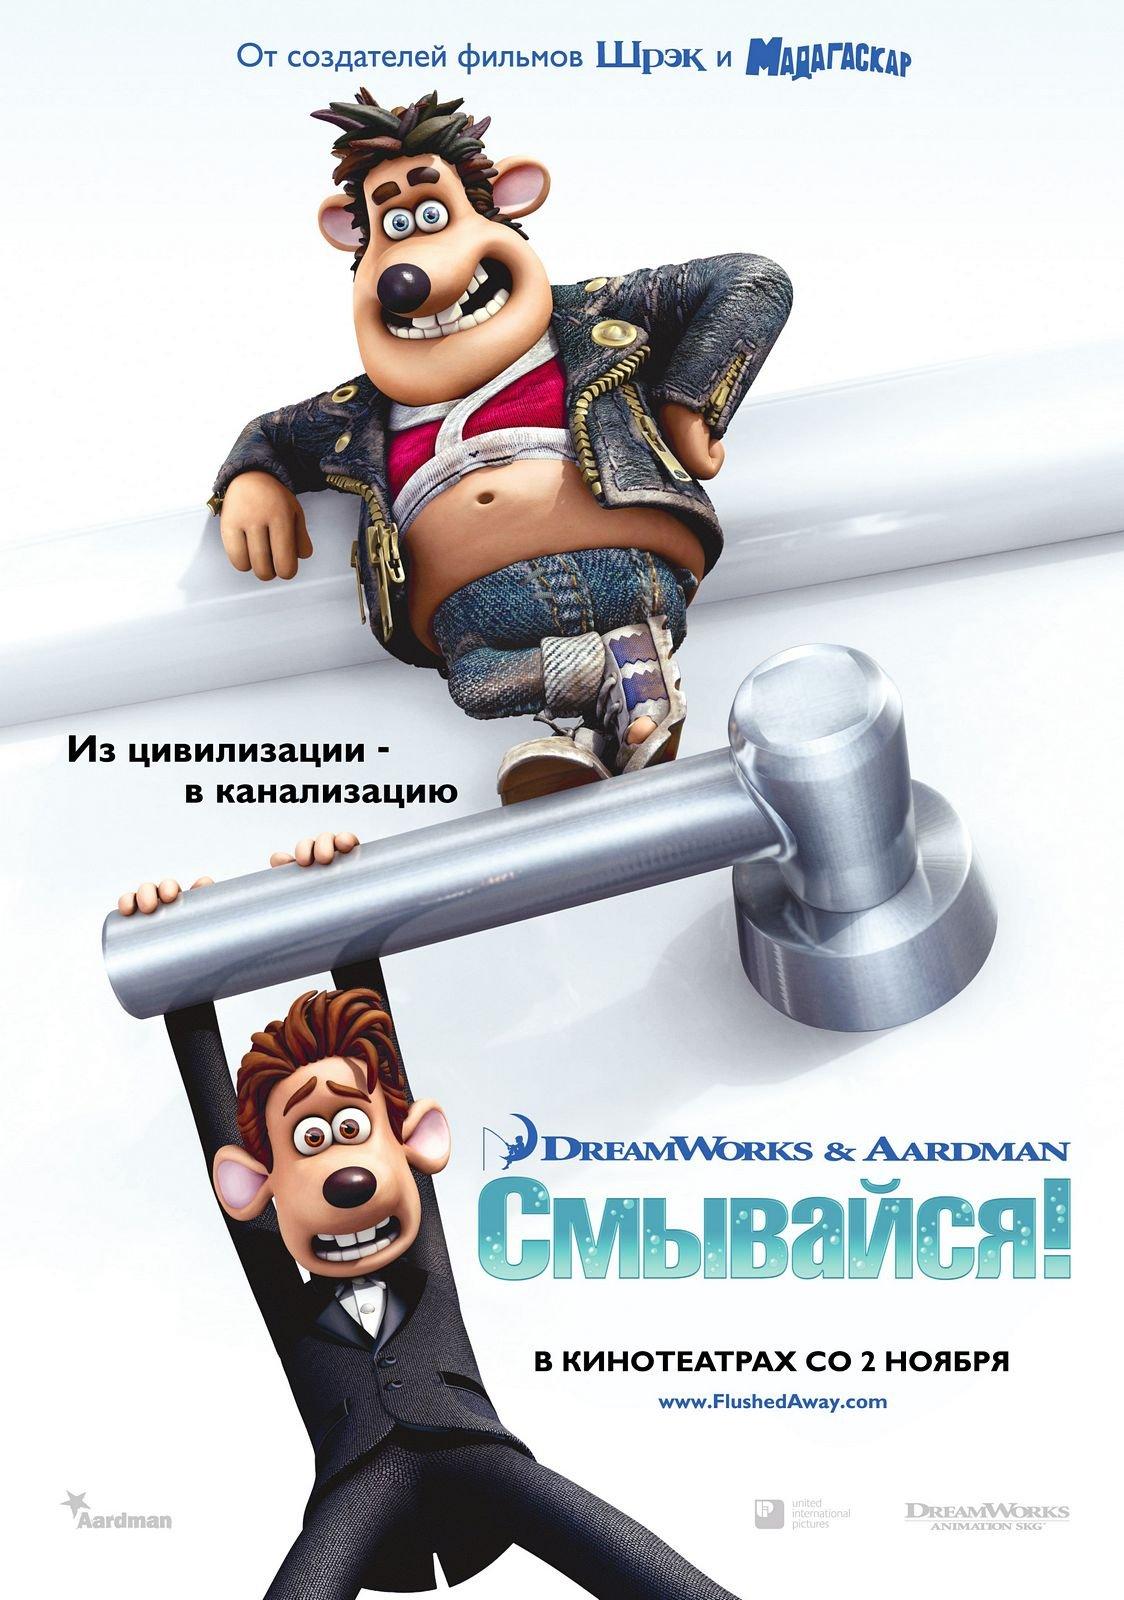 Фильм Быстрей Смывайся